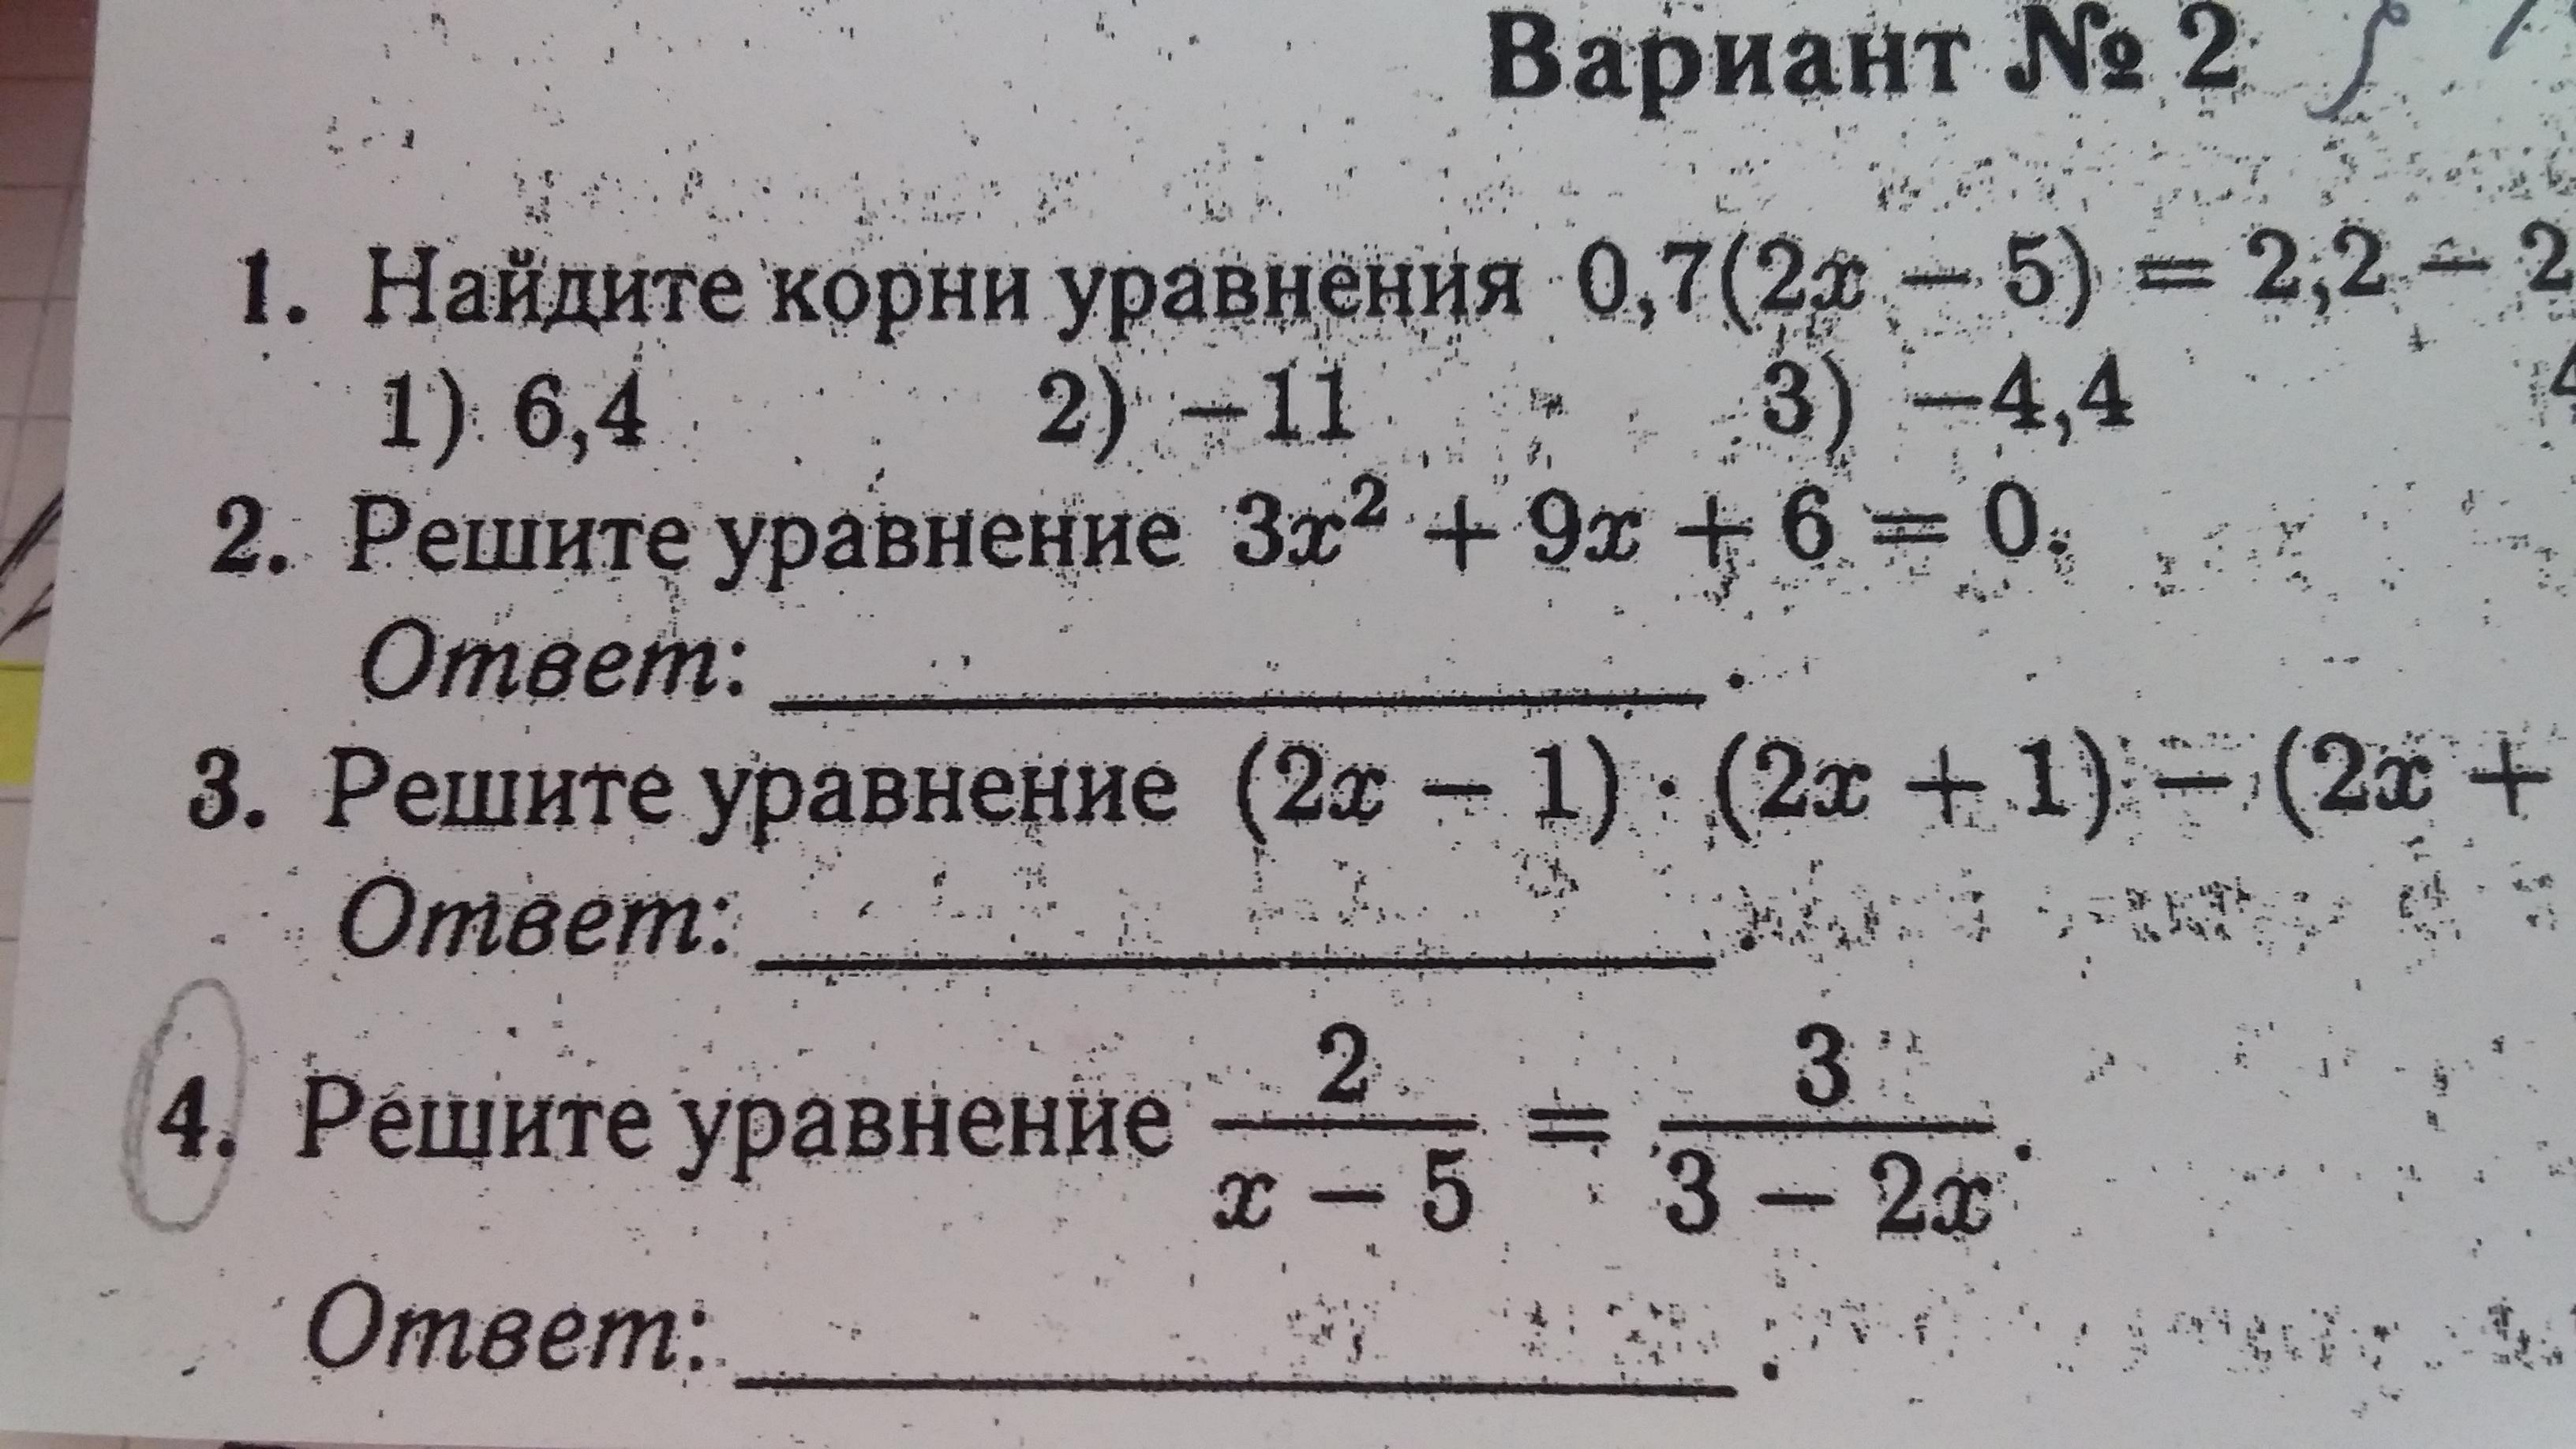 Ребят, помогите решить номера 4(1 фото), 7(2